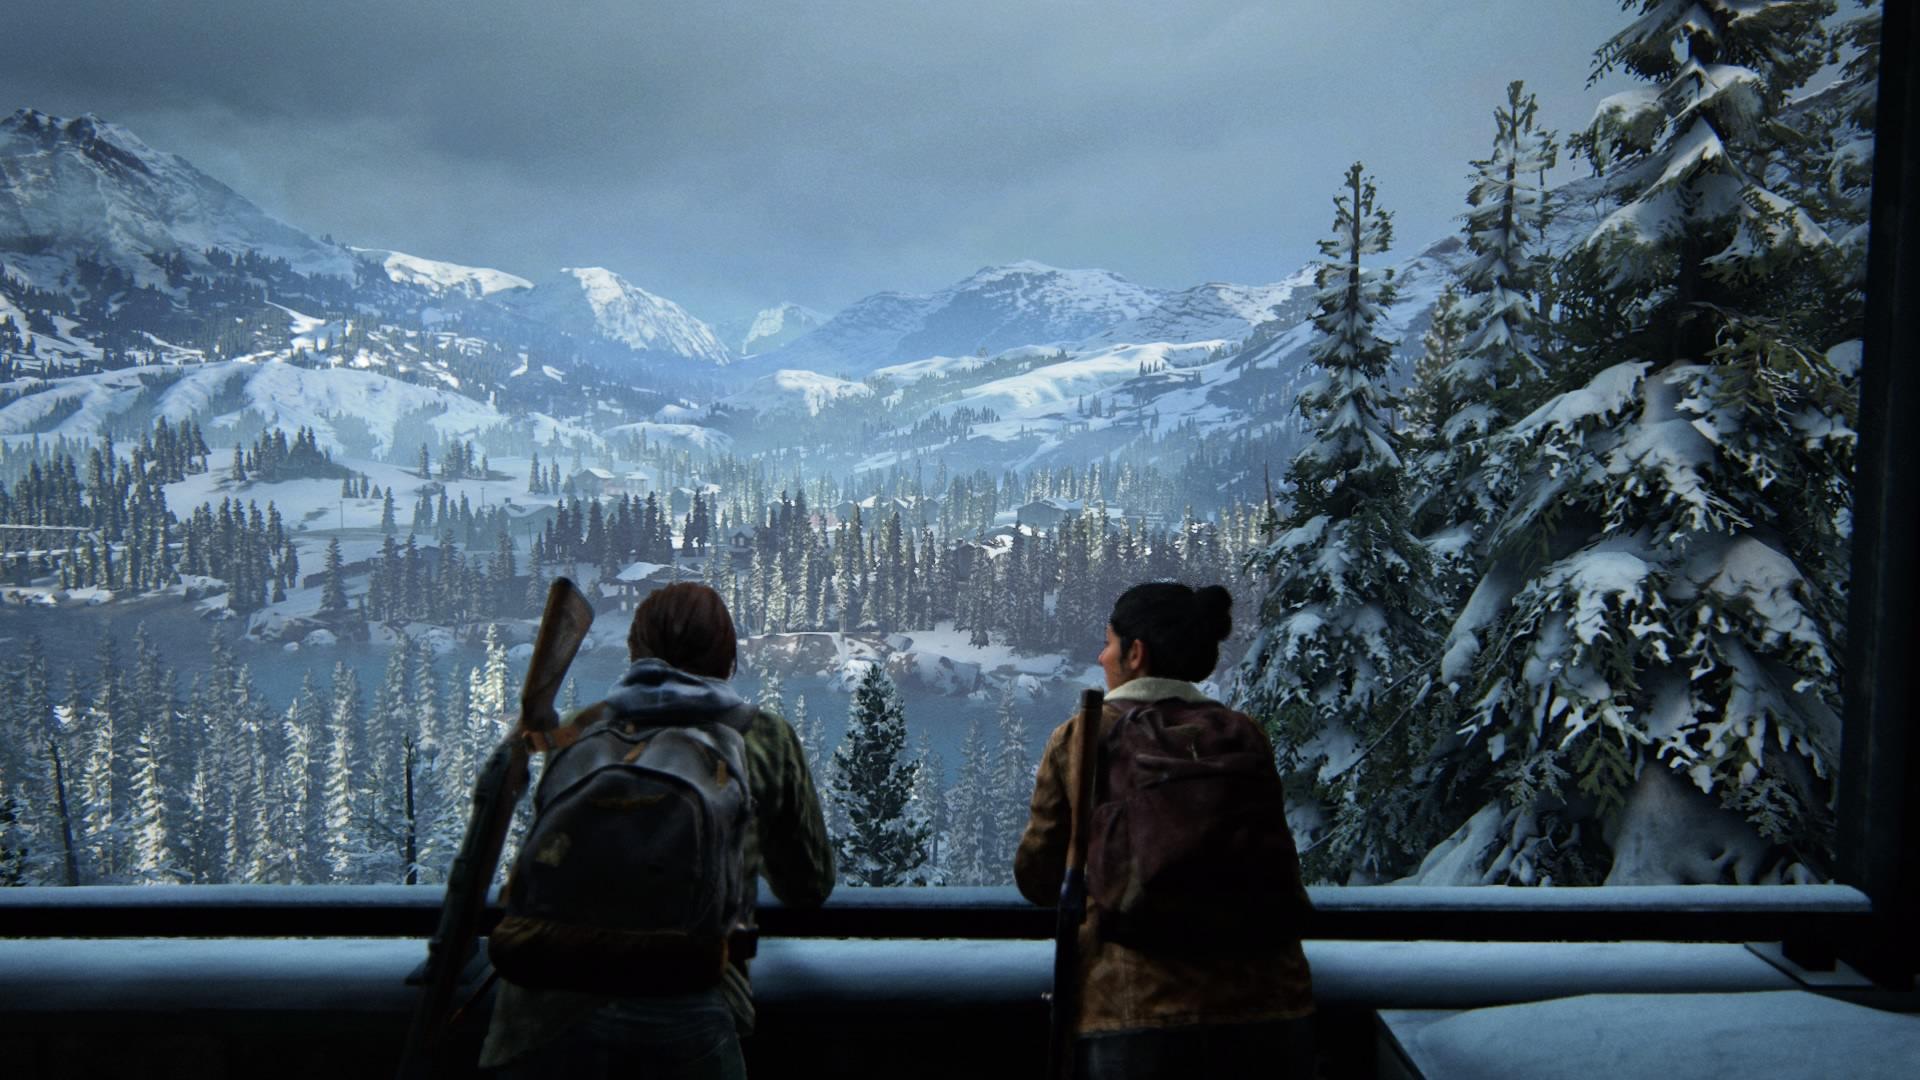 Der Anblick über Die Verschneite Waldlandschaft Ist Atemberaubend.